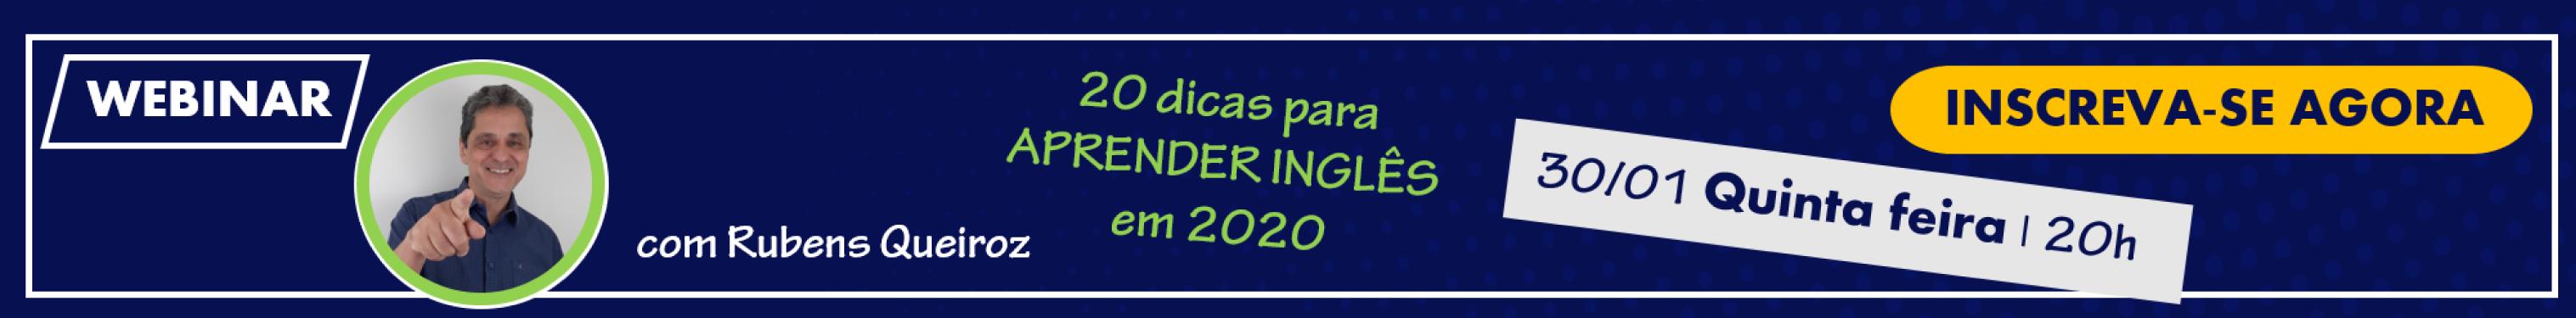 20 dicas para aprender inglês em 2020